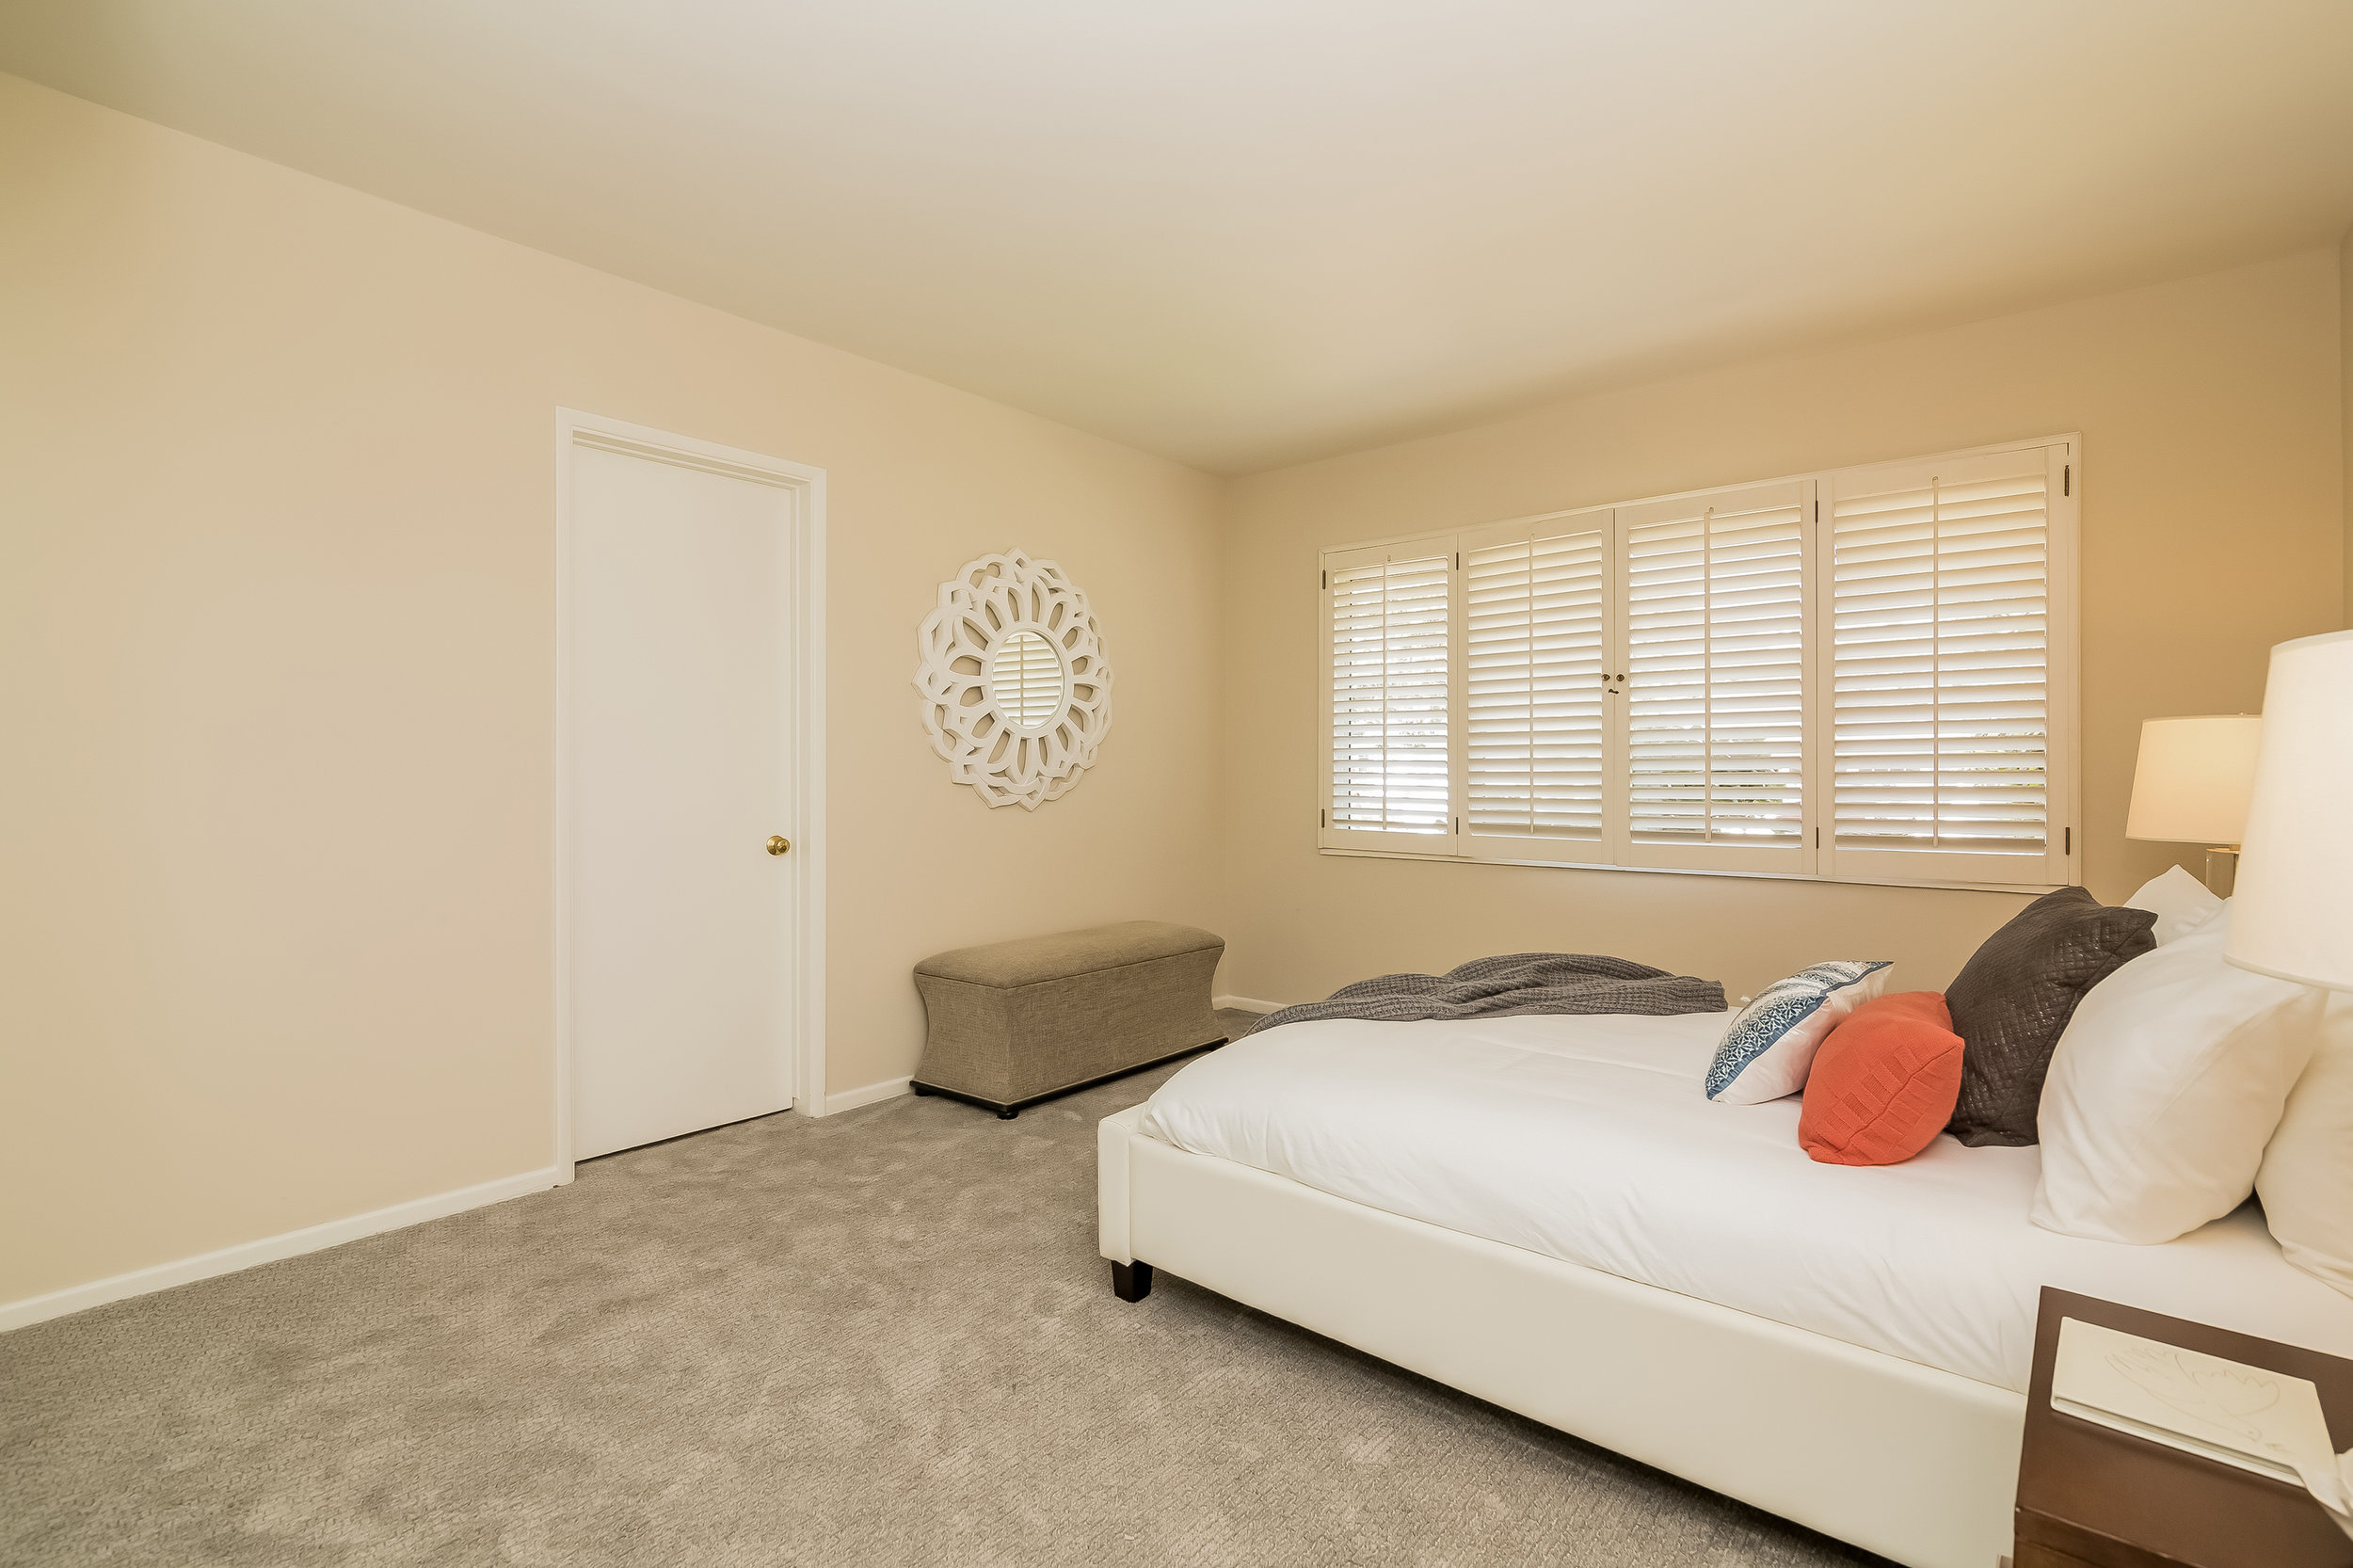 036-Bedroom-2805373-large copy.jpg